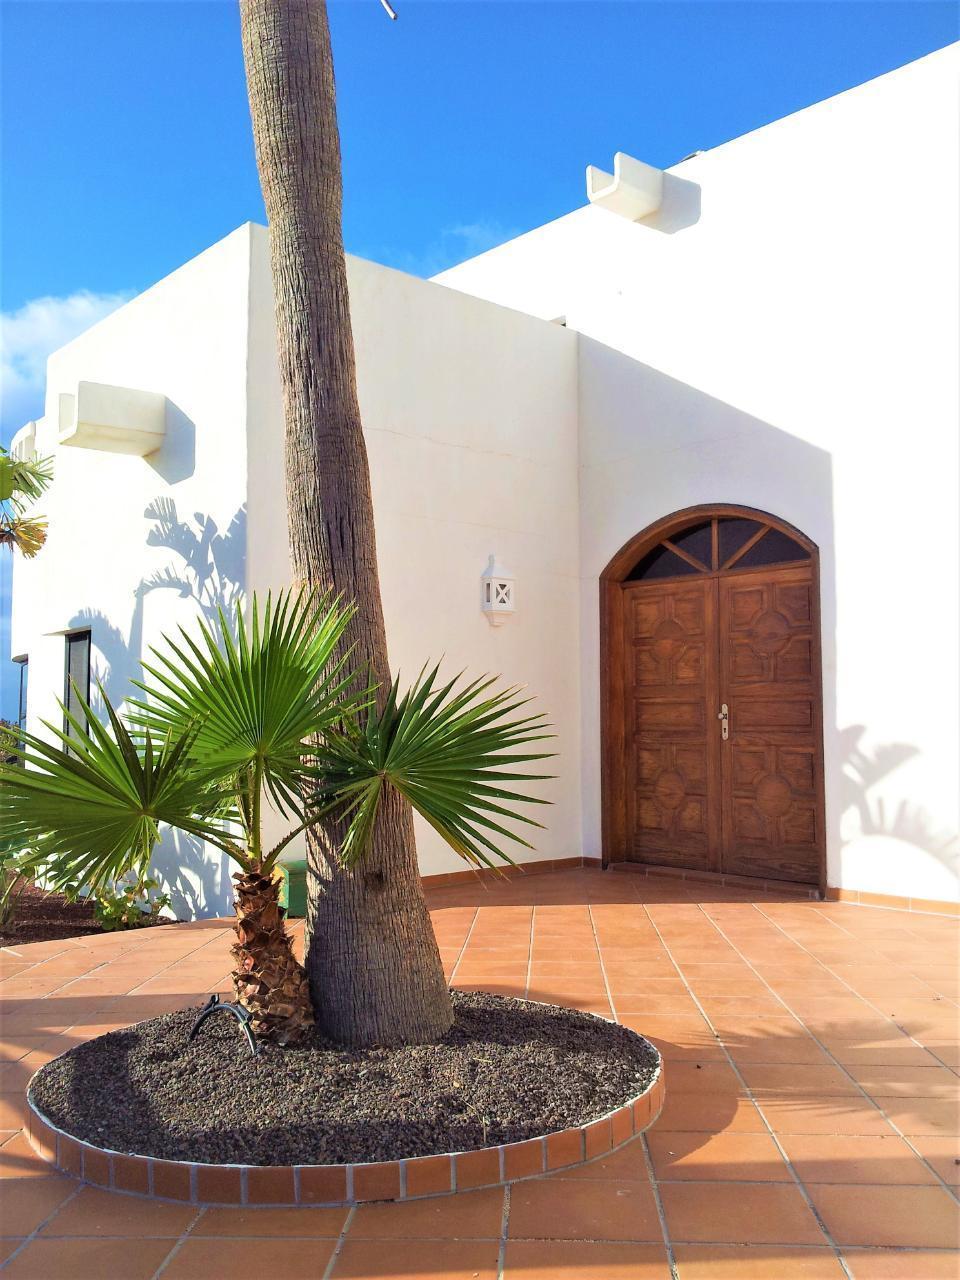 Ferienhaus Exklusive Villa in Strandnähe (642541), Giniginamar, Fuerteventura, Kanarische Inseln, Spanien, Bild 55